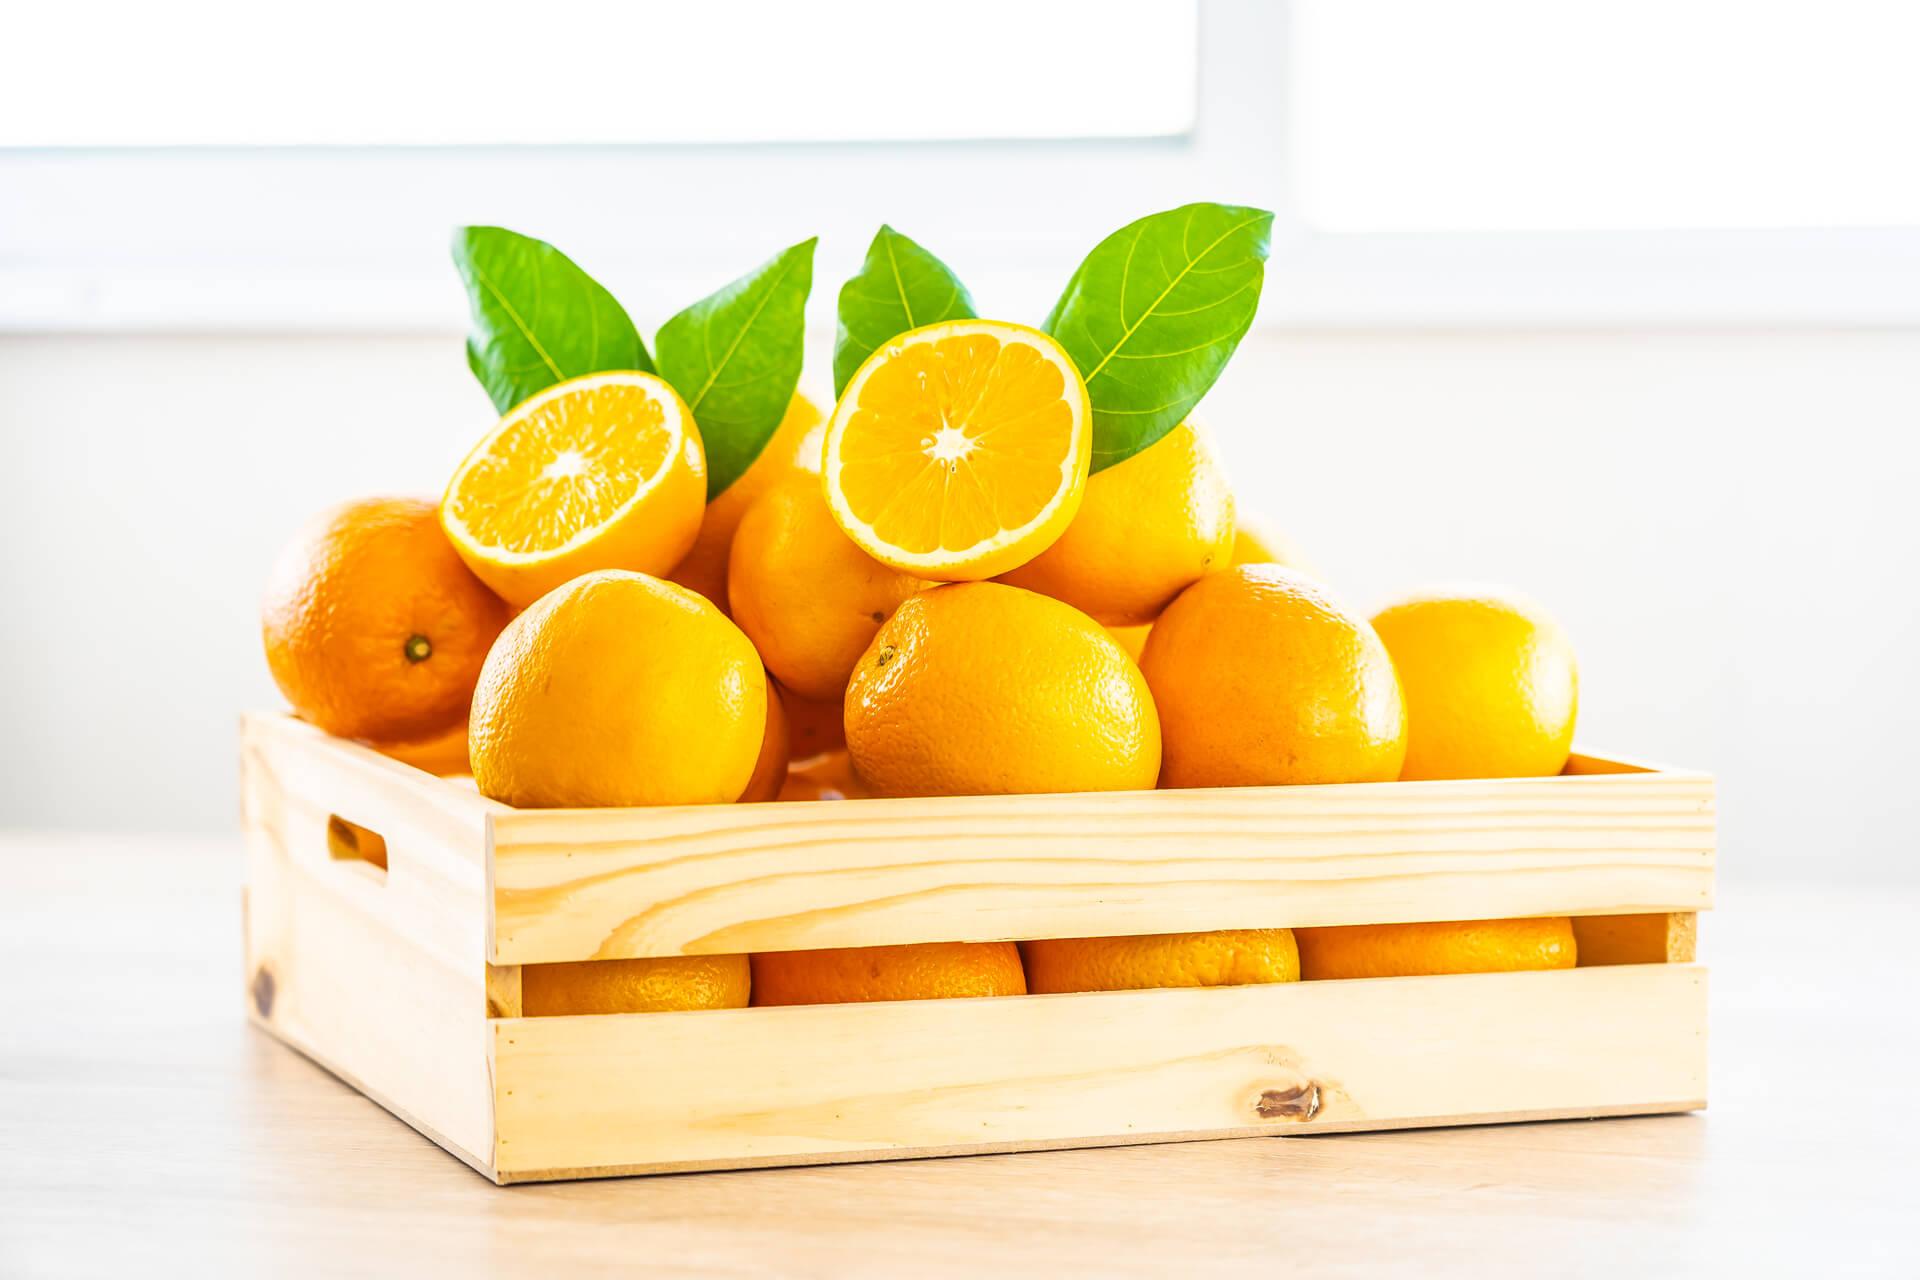 Naranjas, una fruta sabrosa y beneficiosa.